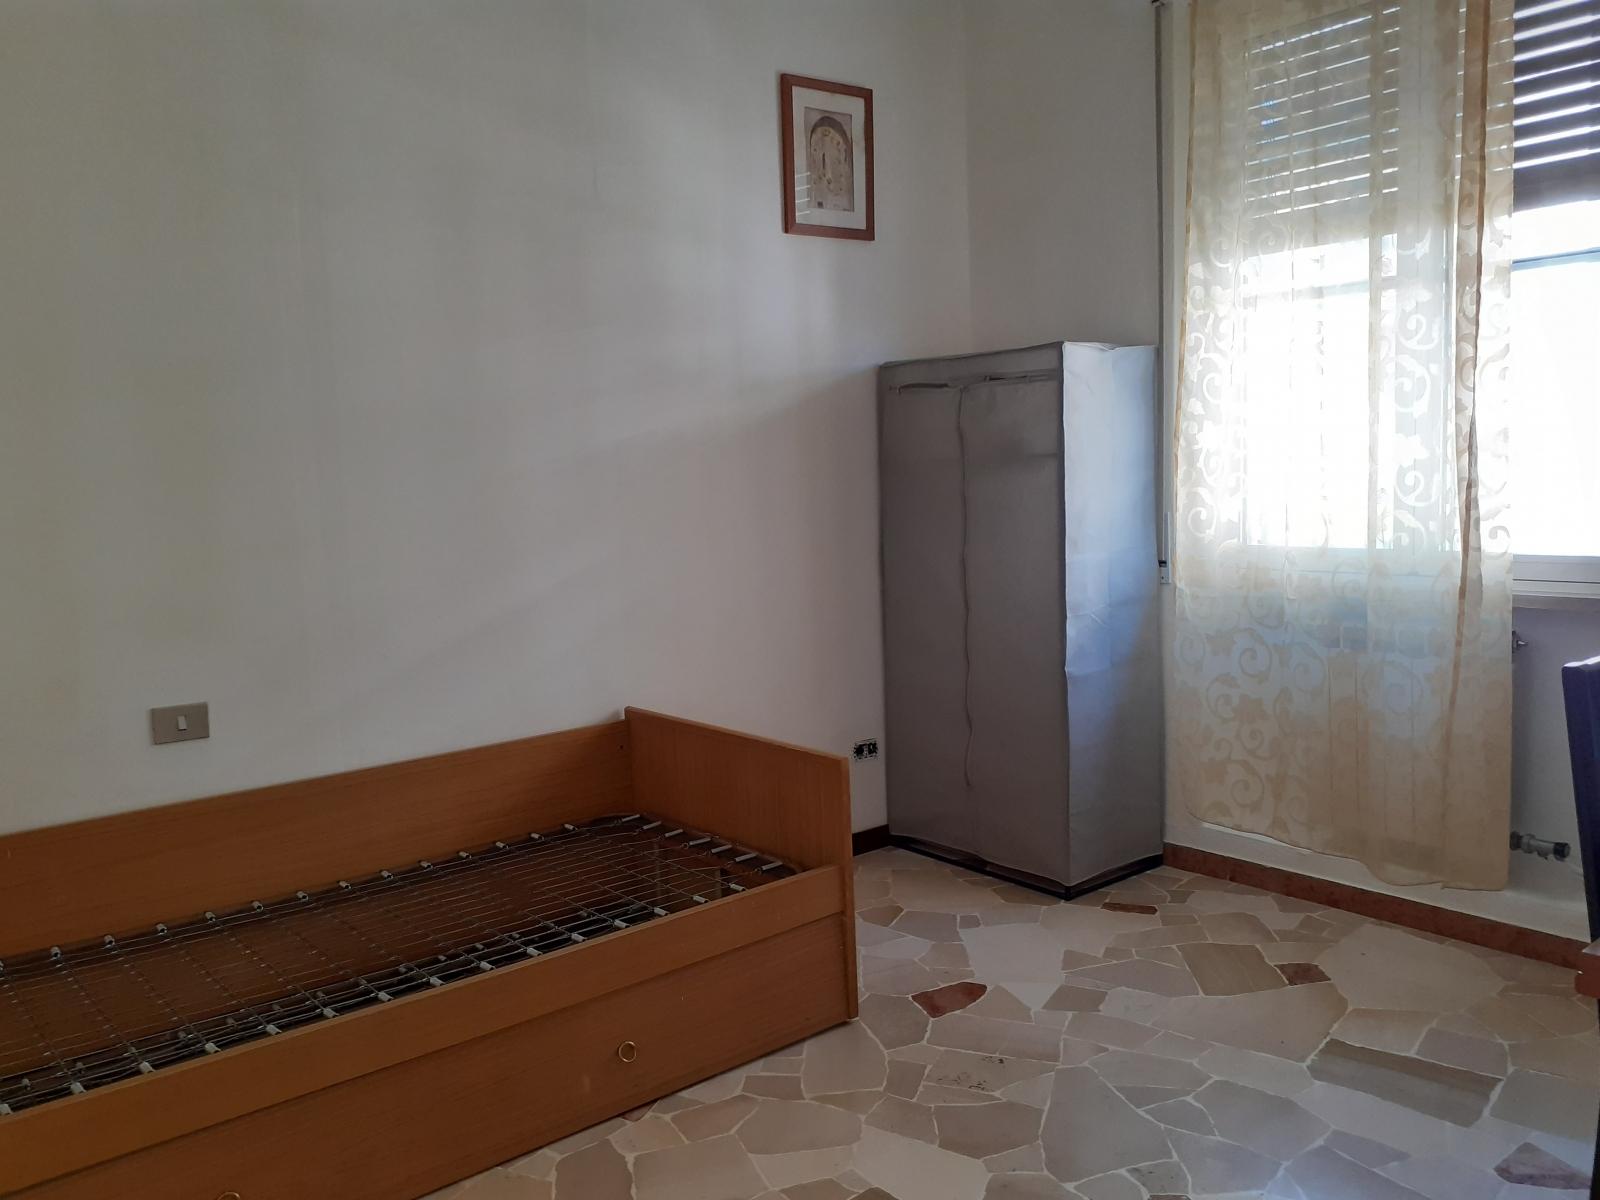 appartamento-in-vendita-a-cornaredo-milano-3-locali-trilocale-spaziourbano-immobiliare-vende-1